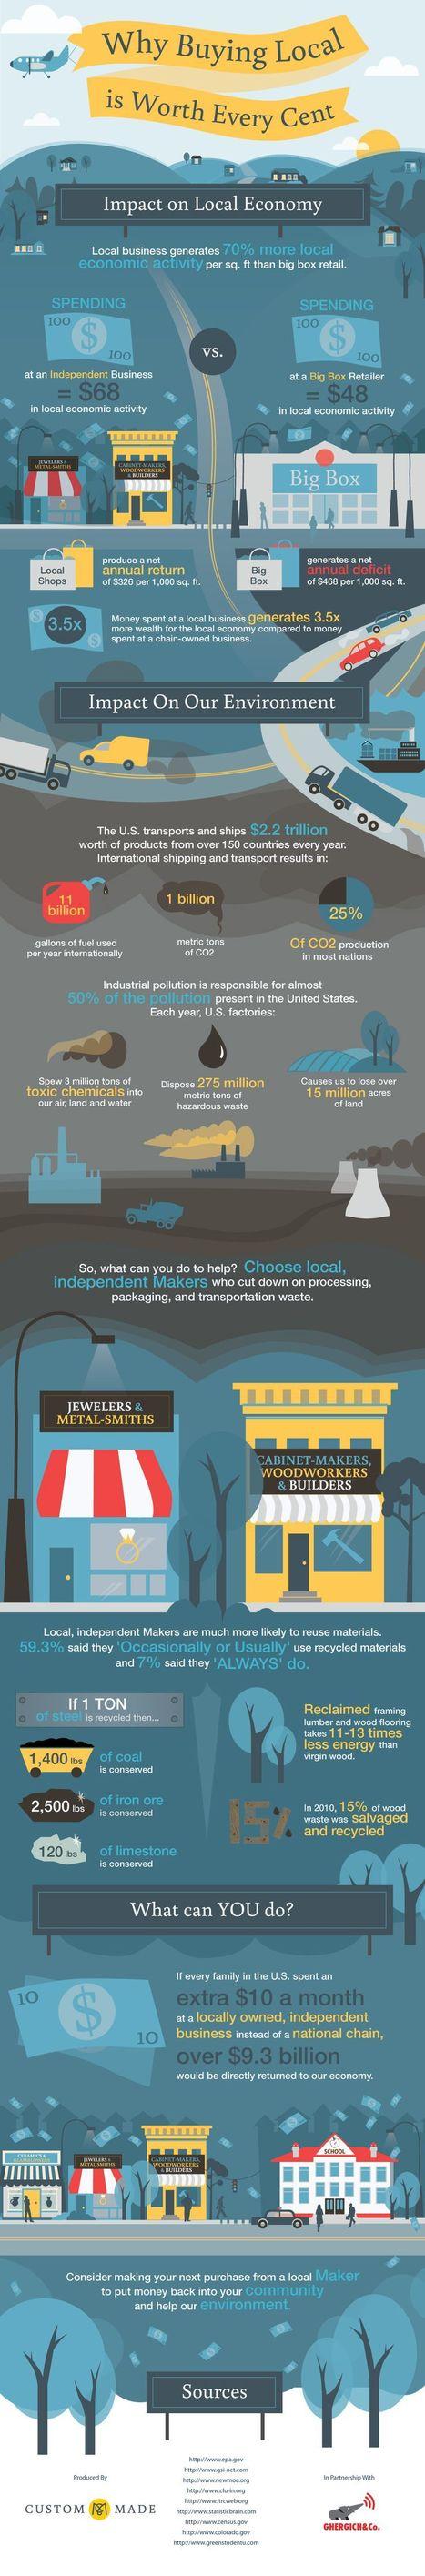 Pourquoi acheter local? Quelques chiffres | ECONOMIES LOCALES VIVANTES | Scoop.it